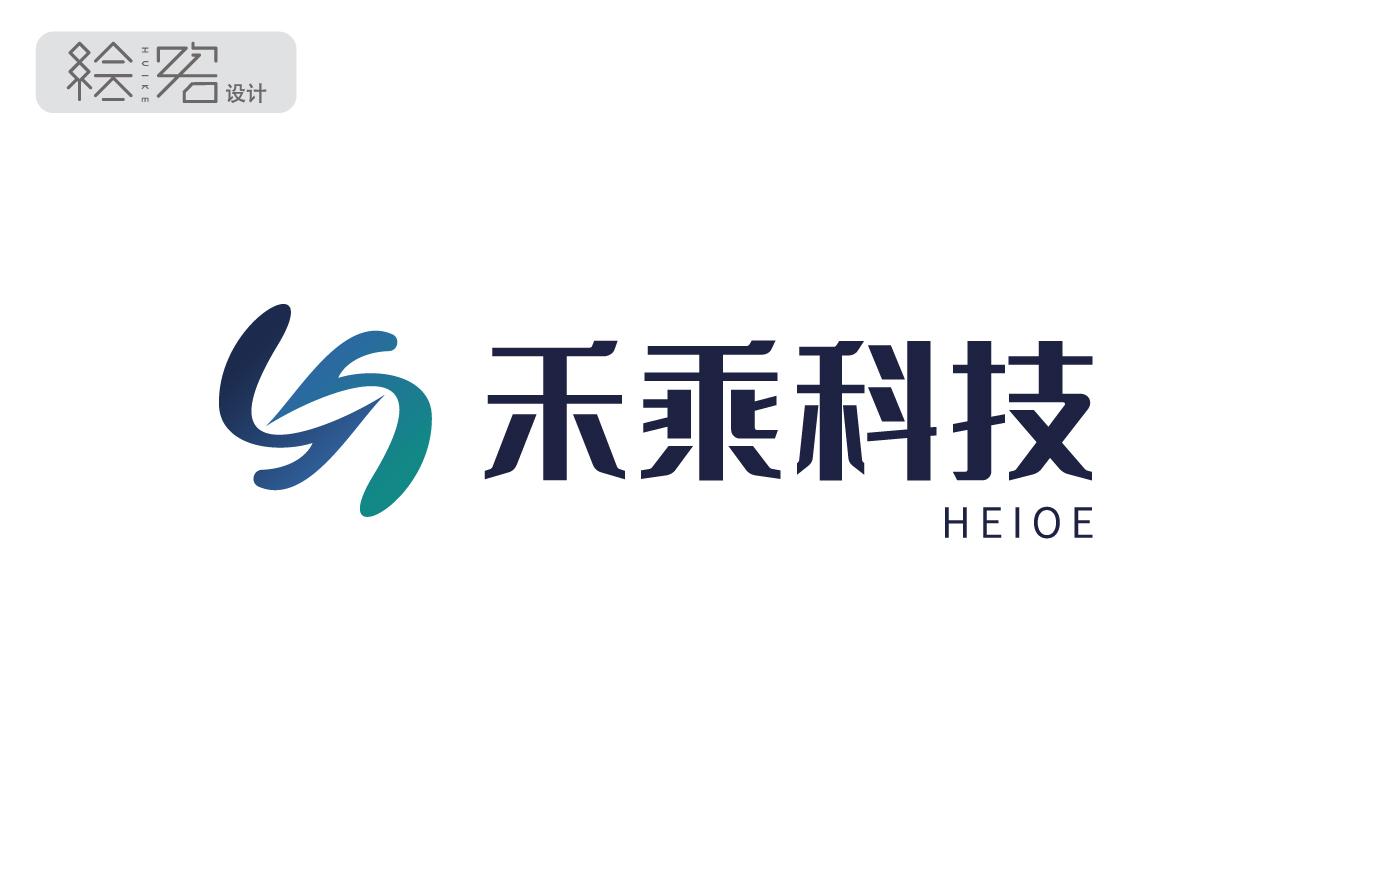 资深公司工业IT行业交通运输logo设计餐饮美容健身商标设计